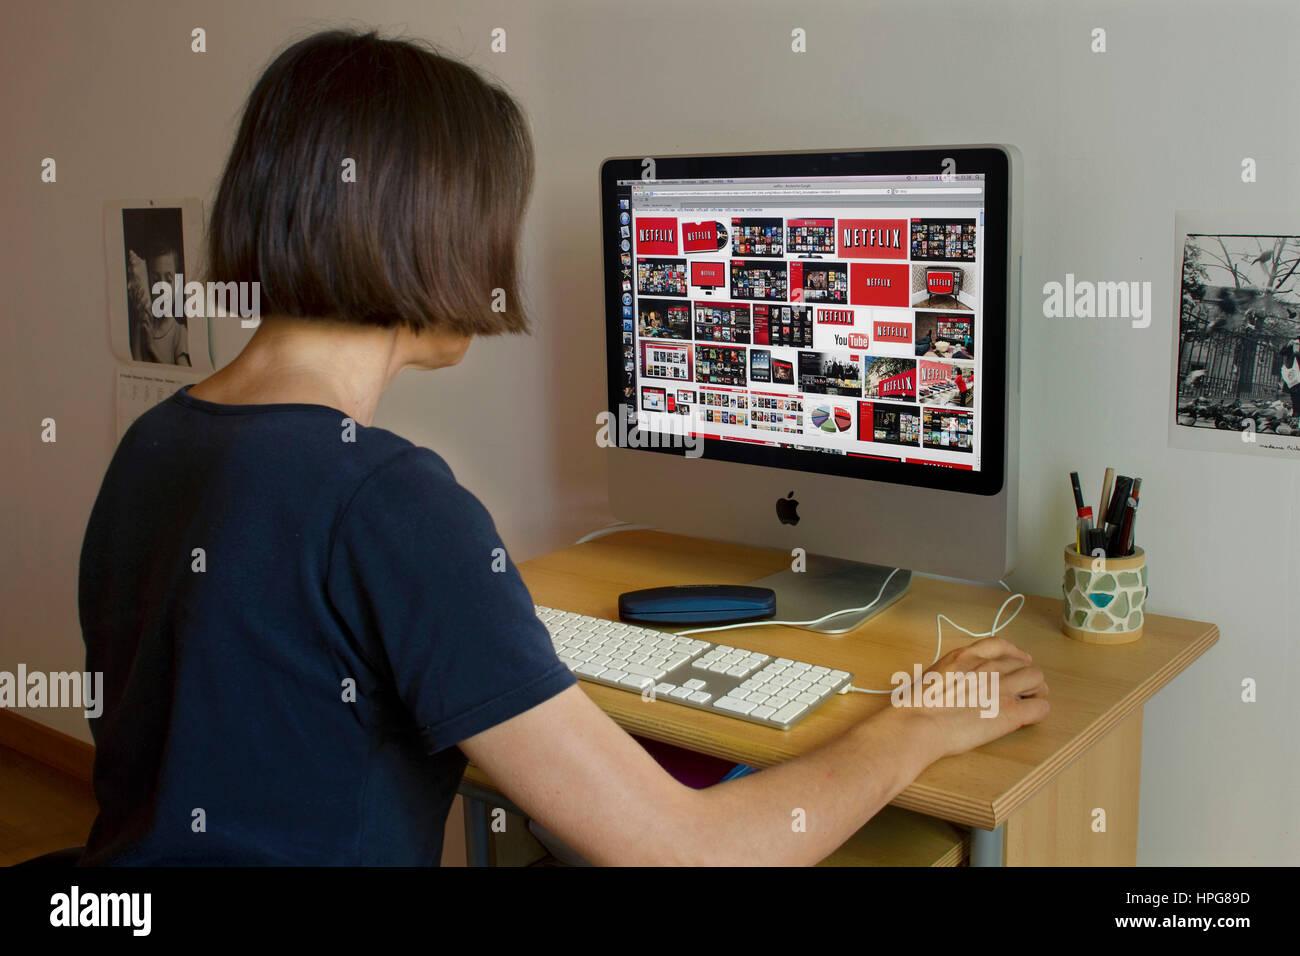 Femme en face d'un écran d'ordinateur affichant Netflix. Photo Stock